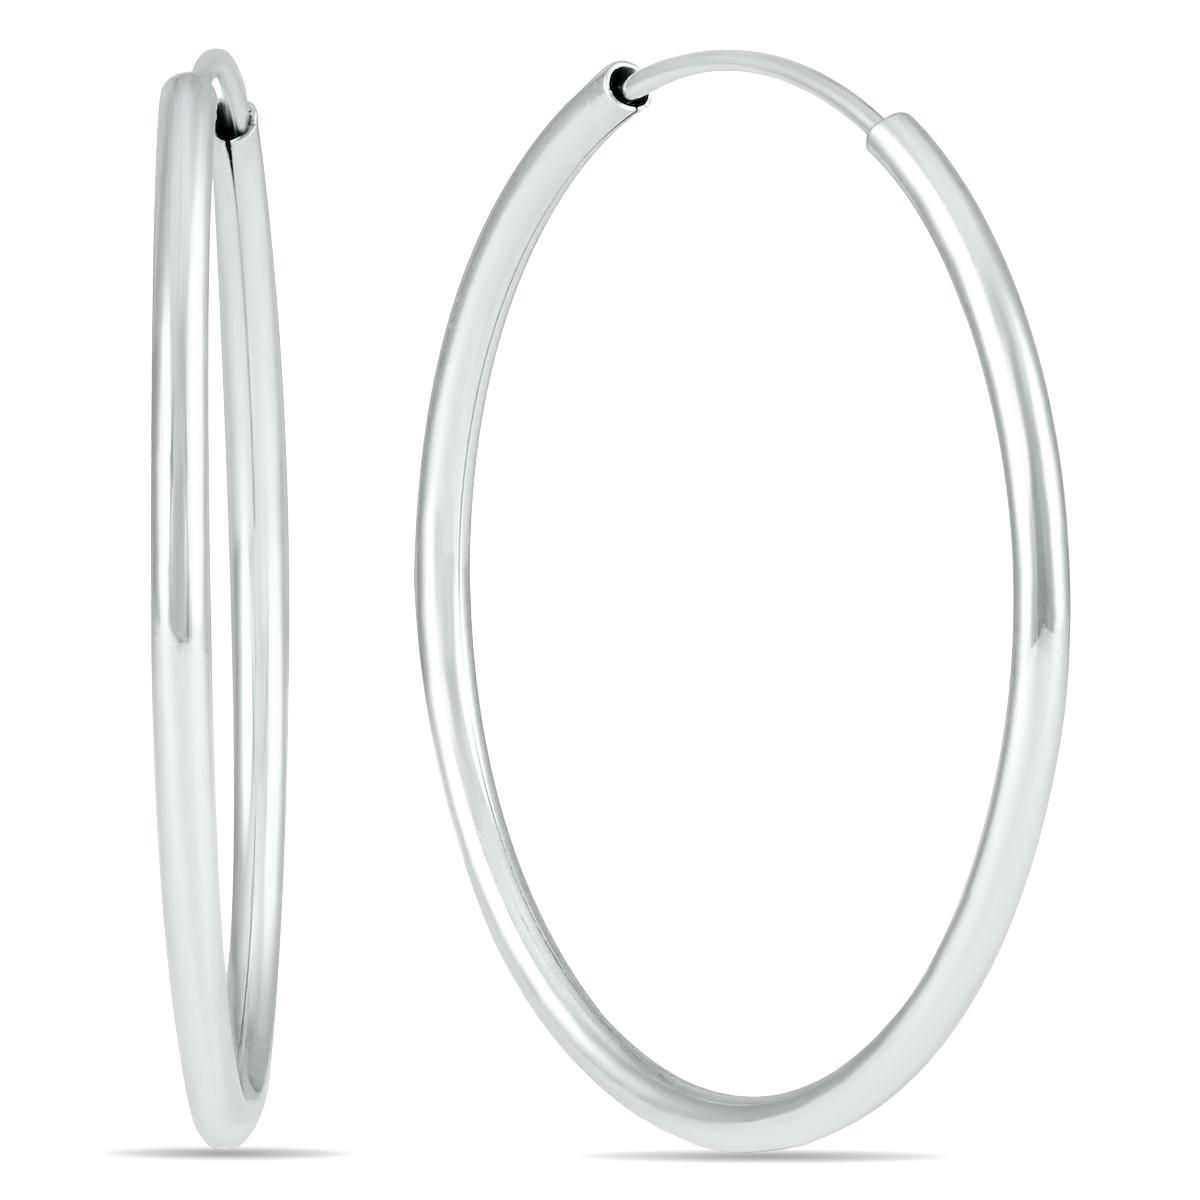 25MM Hoop Earrings in...